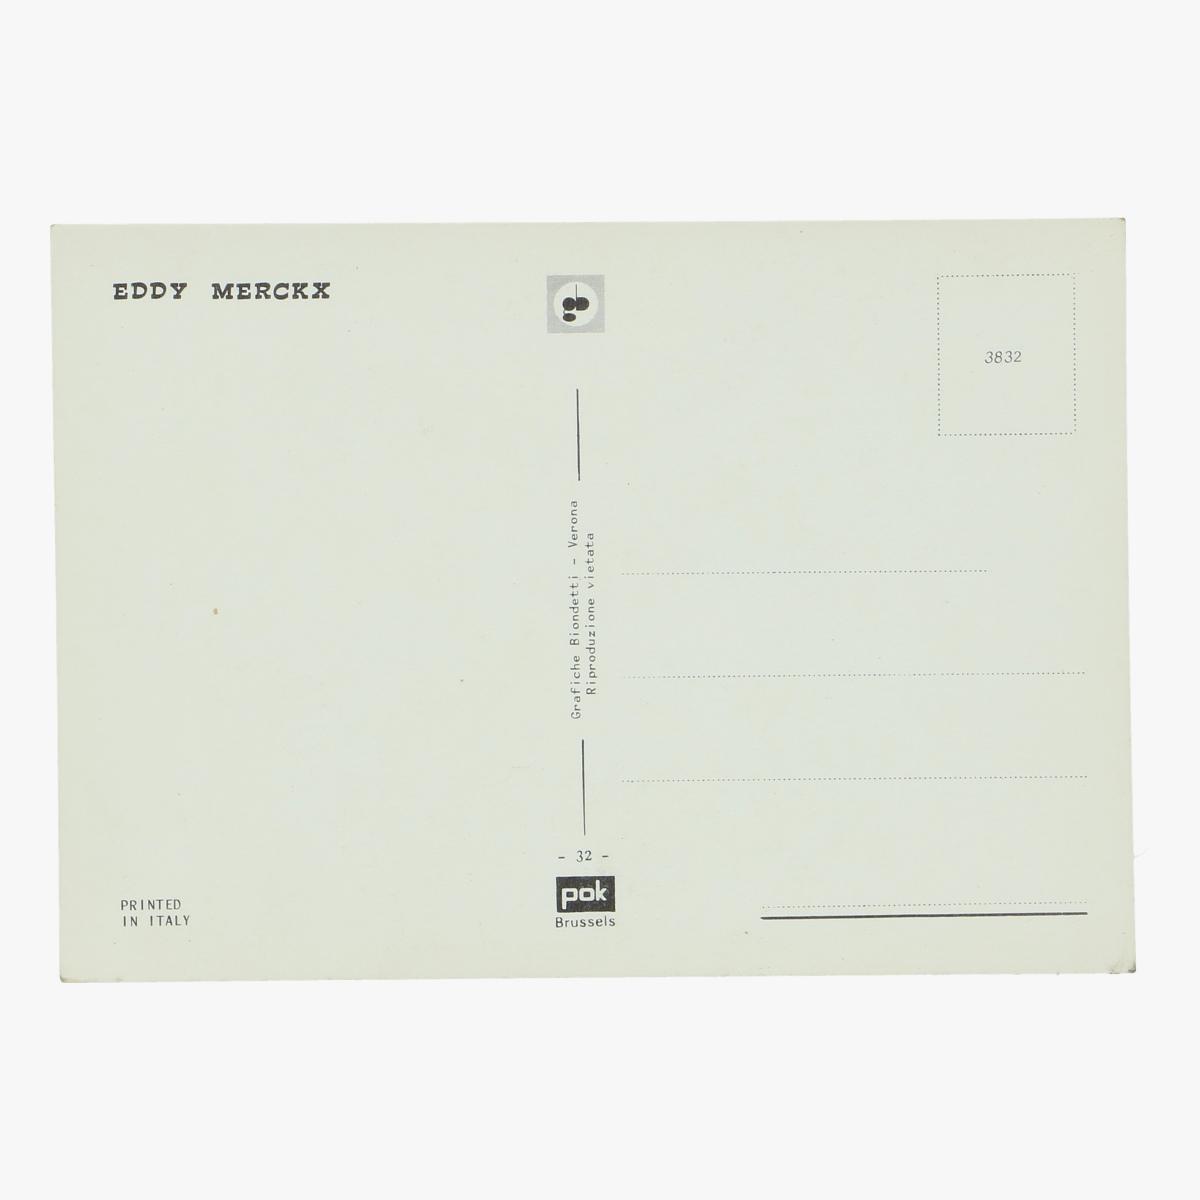 Afbeeldingen van postkaart eddy merckx